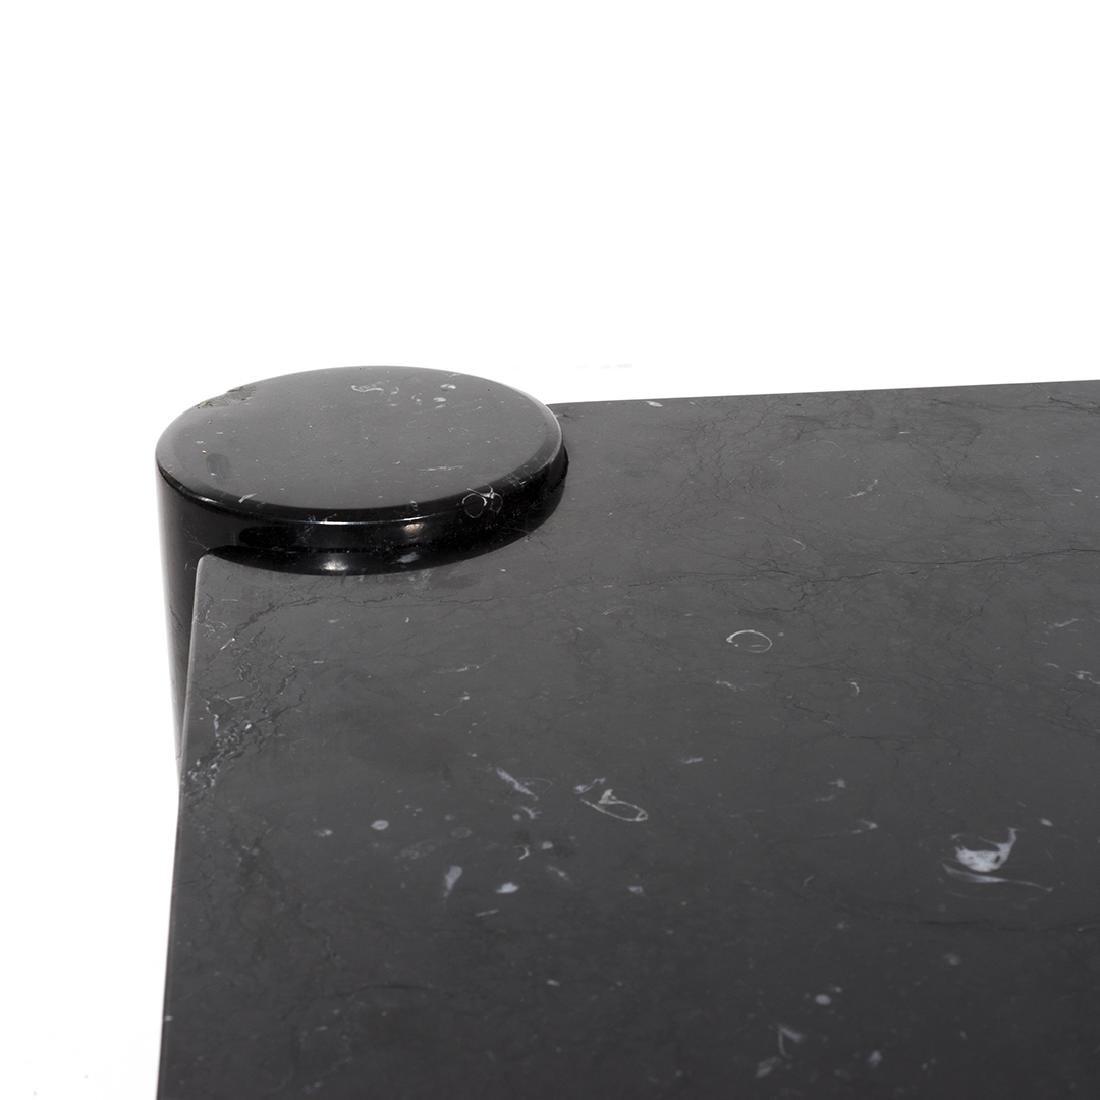 Gae Aulenti Jumbo Table - 3